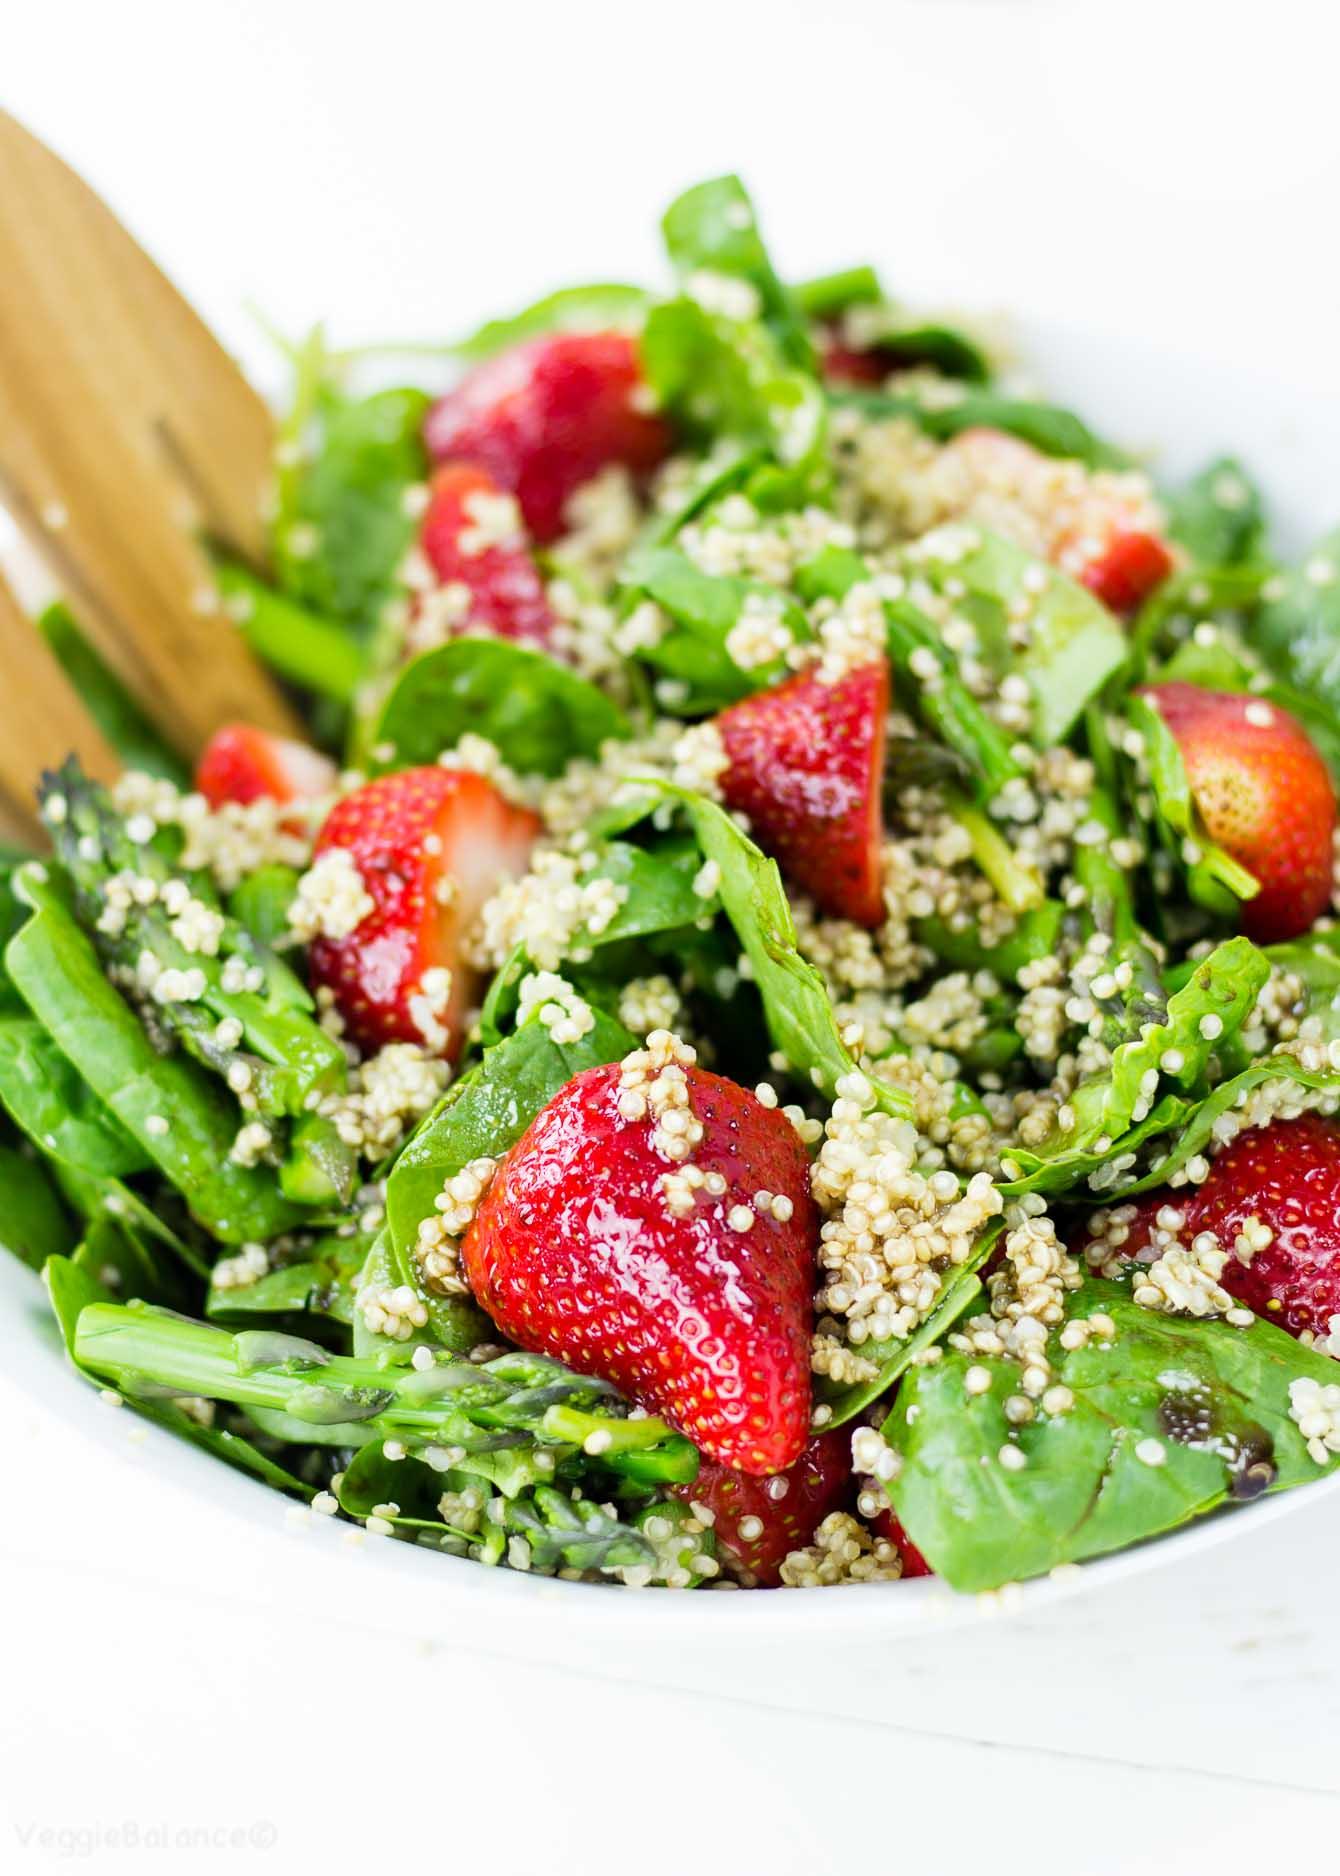 Strawberry Asparagus Quinoa Salad recipe gluten free - Veggiebalance.com